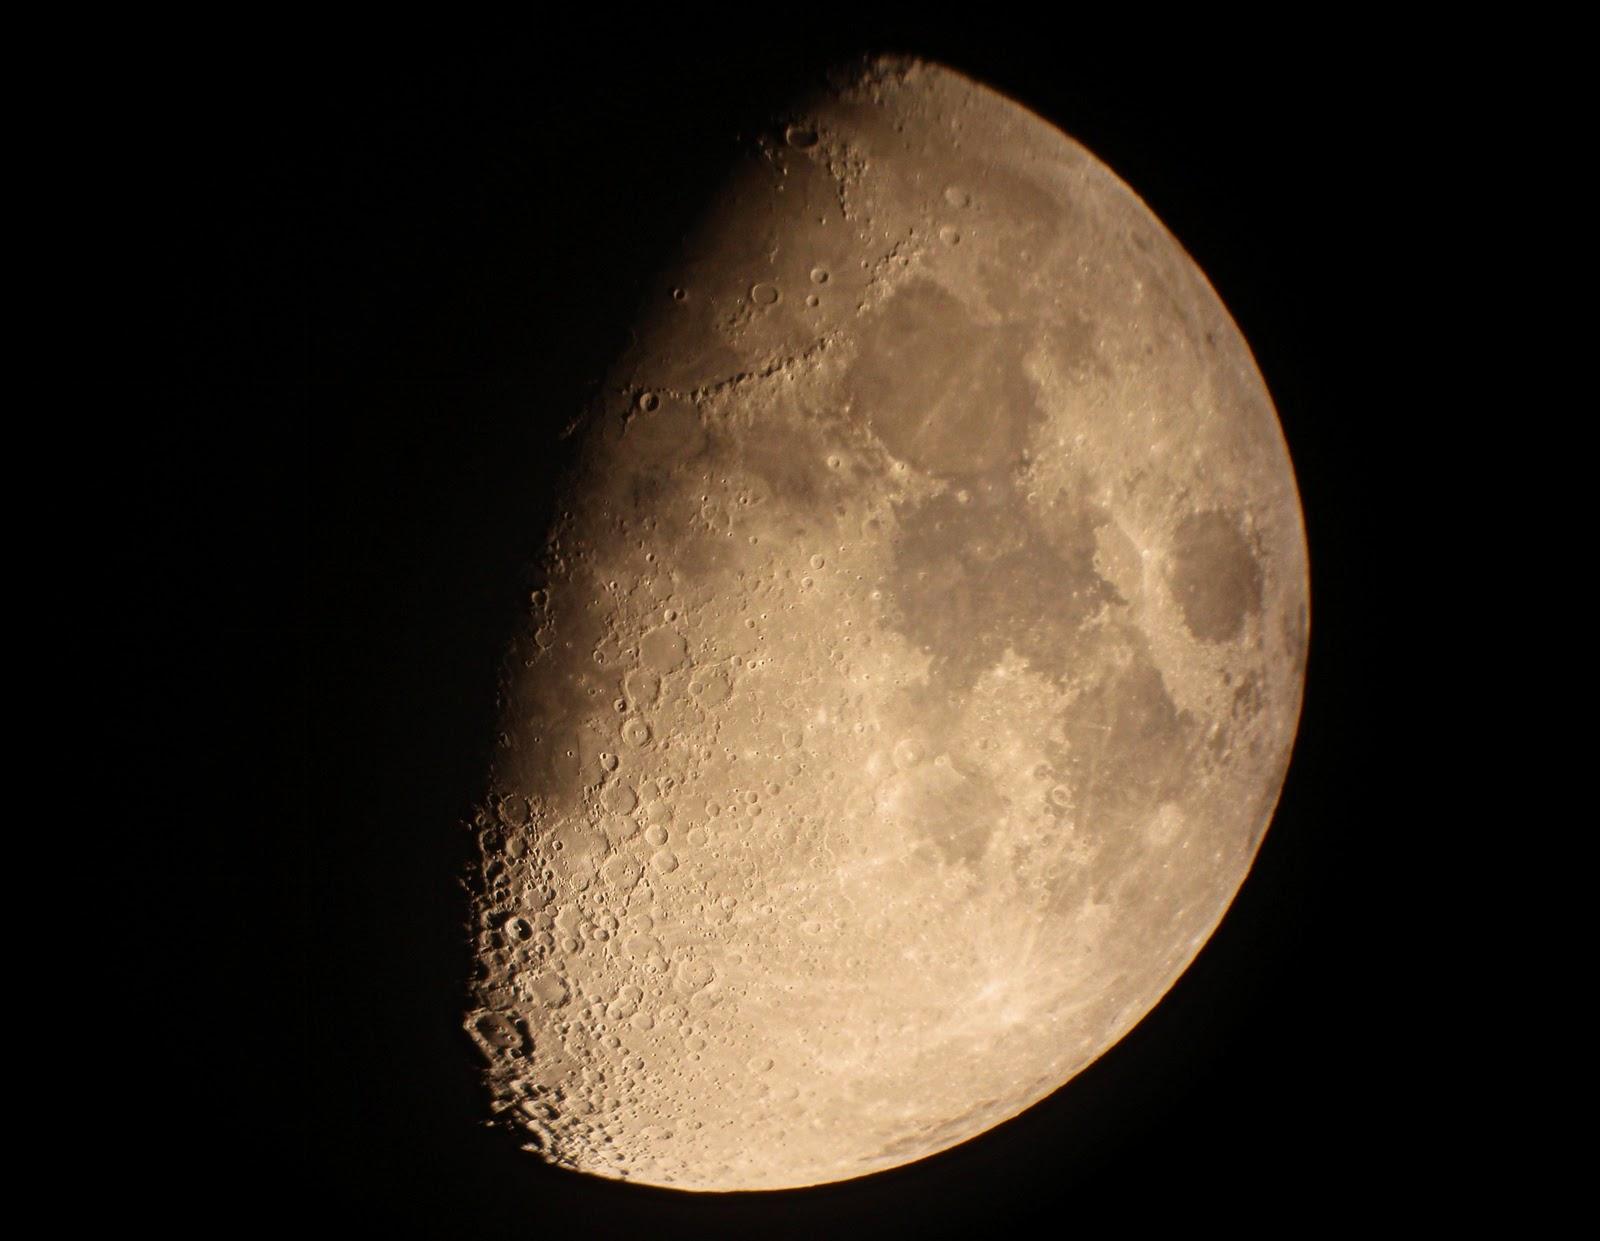 La Luna en cuarto creciente | Astronomia, Fisica y Misiones Espaciales